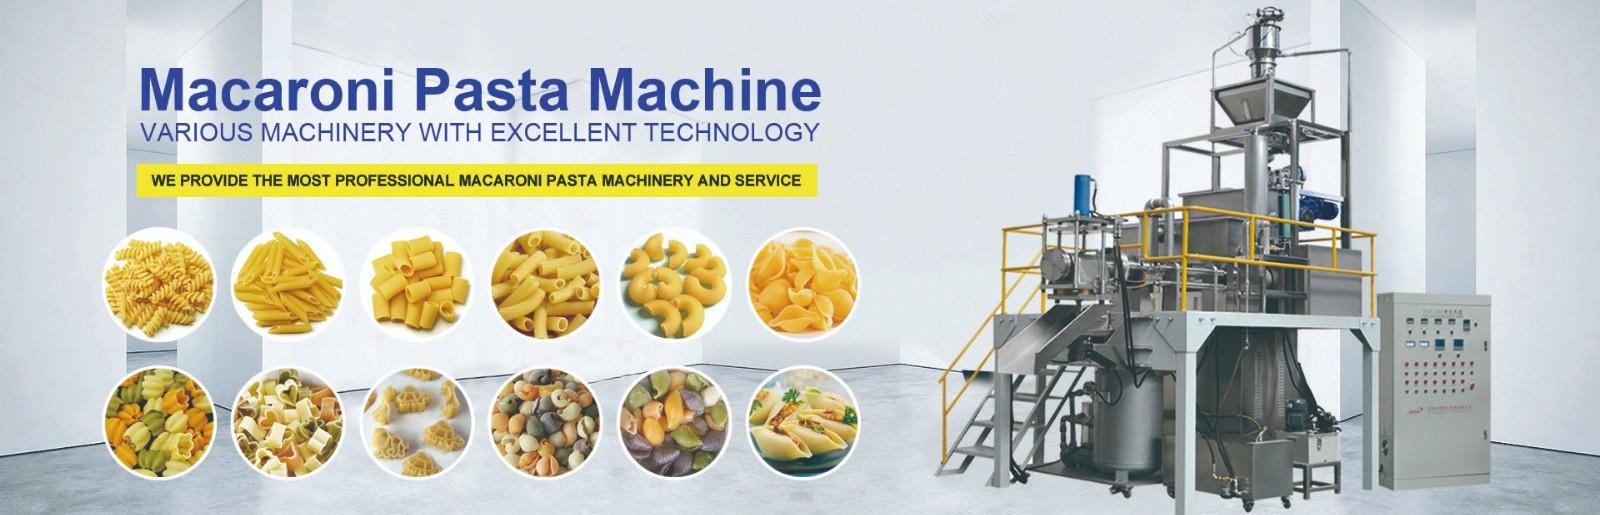 Pasta Macaroni Extruder Machine Price